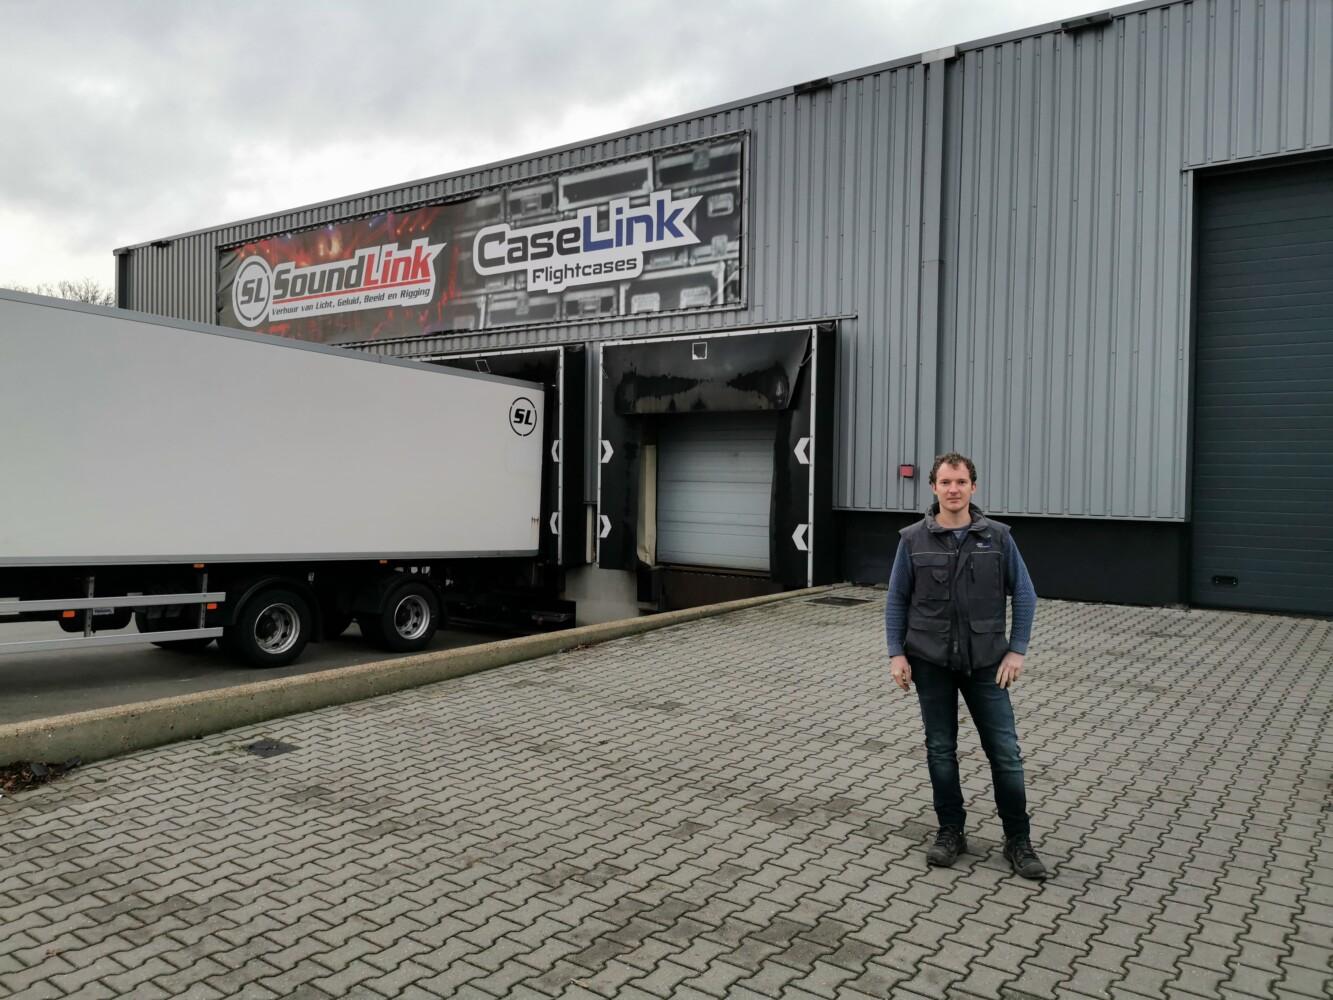 Ontmoet ondernemer Bas van CaseLink! #TeamBAAK